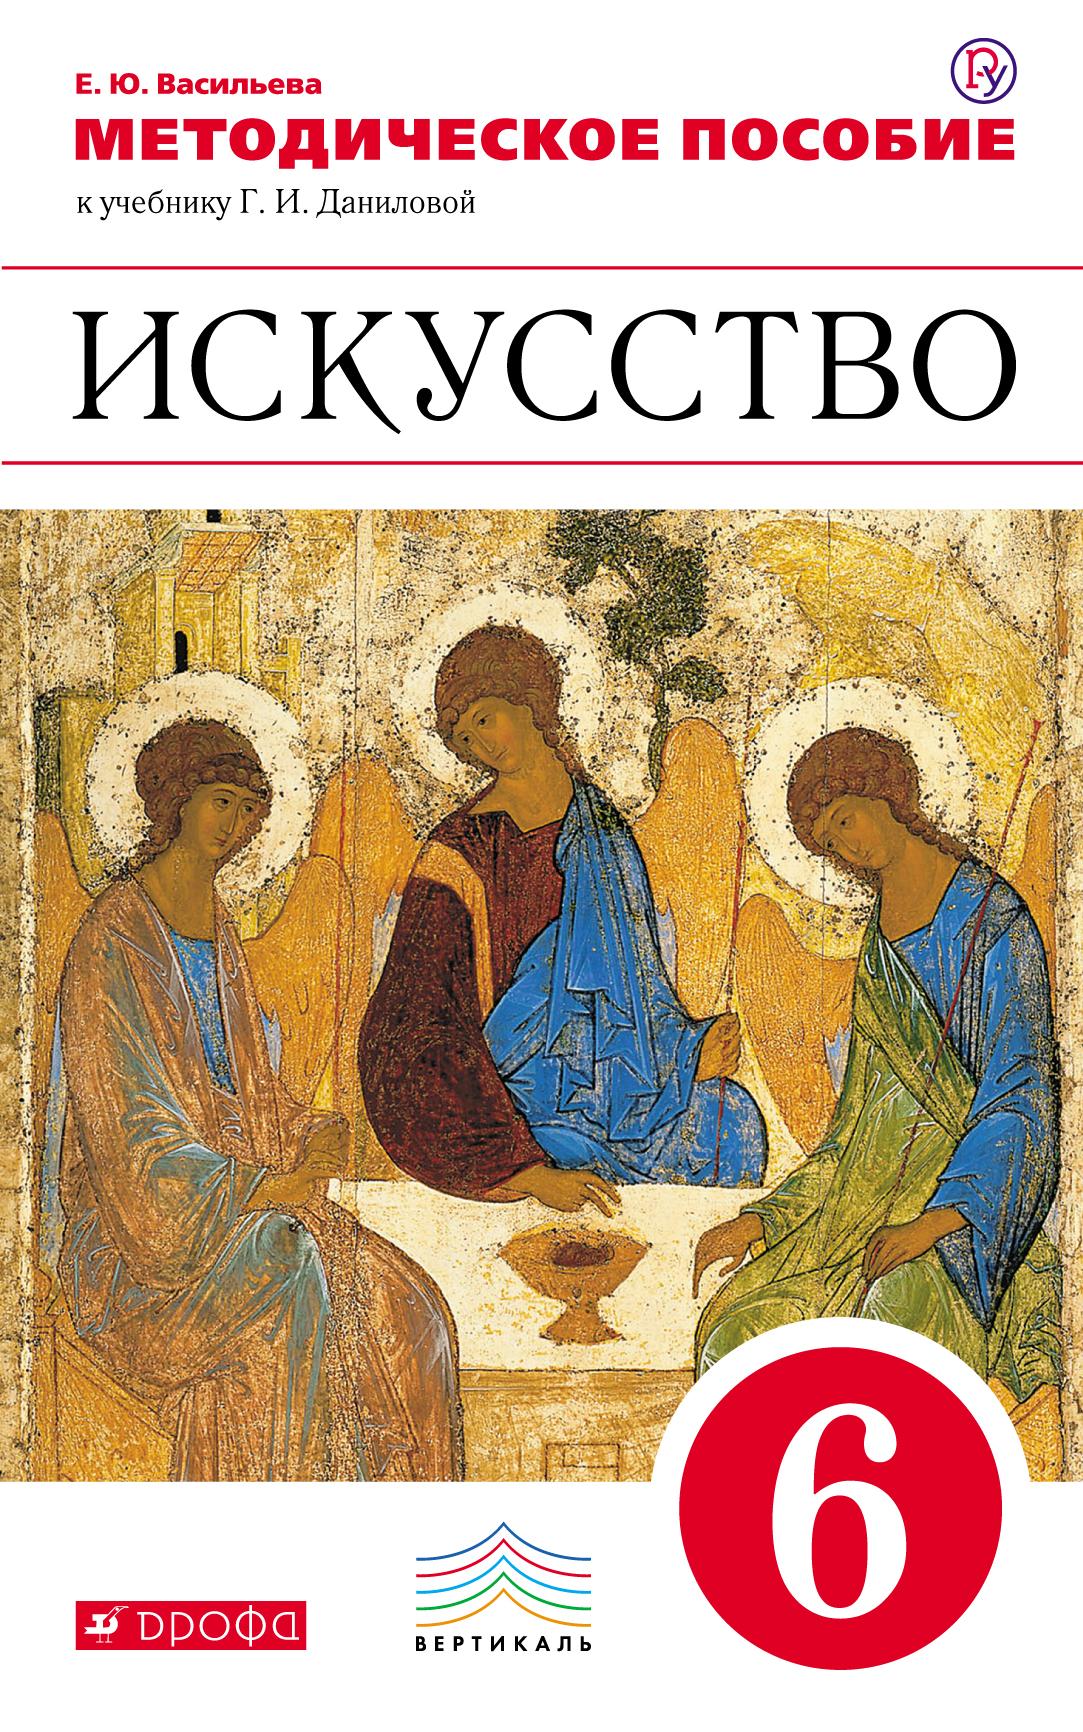 ПООП. Методическое пособие к учебнику Г.И. Даниловой